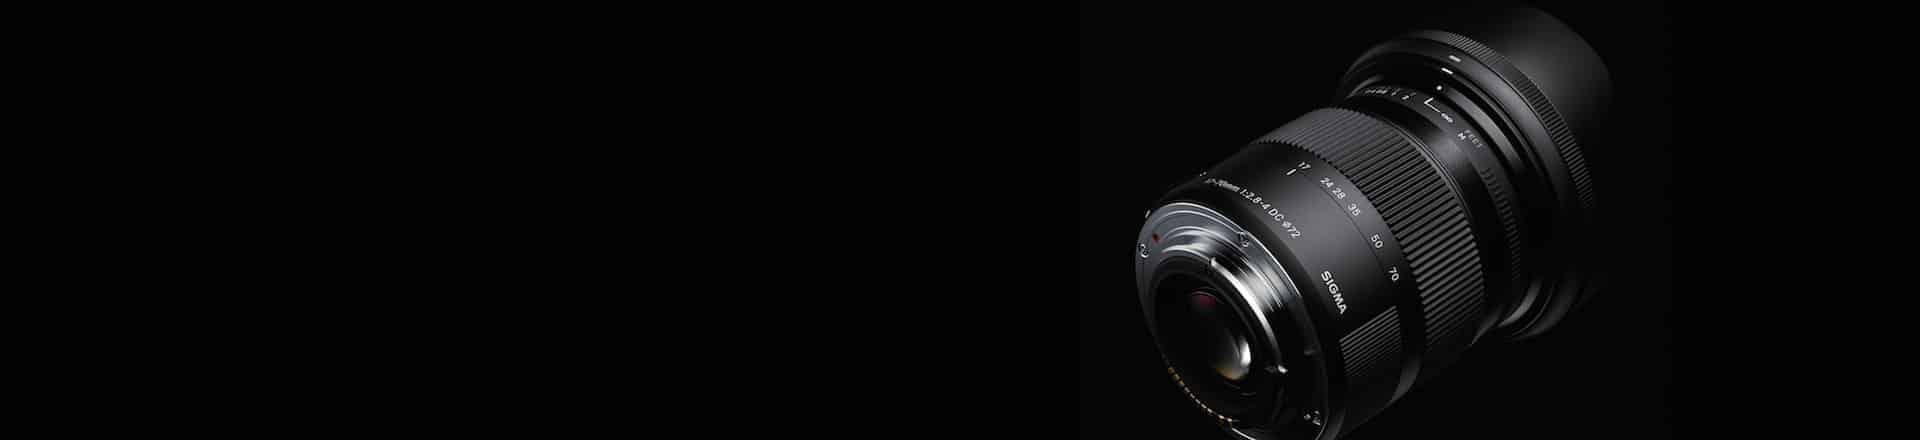 Sony E-Mount | SIGMA (Deutschland) GmbH